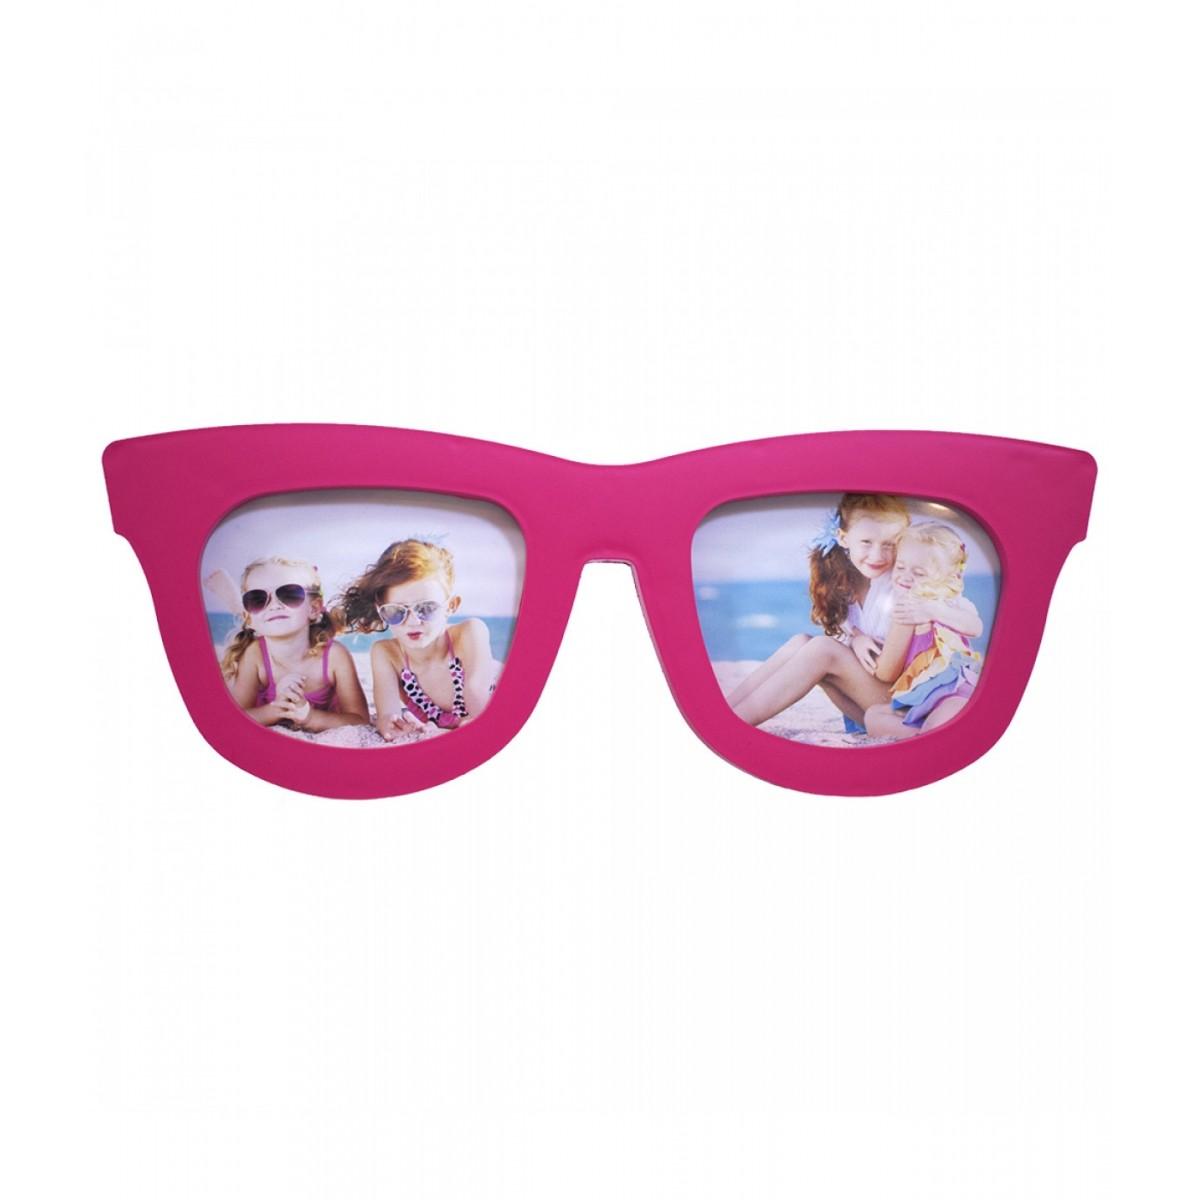 Porta Retrato Estiloso Formato de Óculos Rosa p/ 2 Fotos